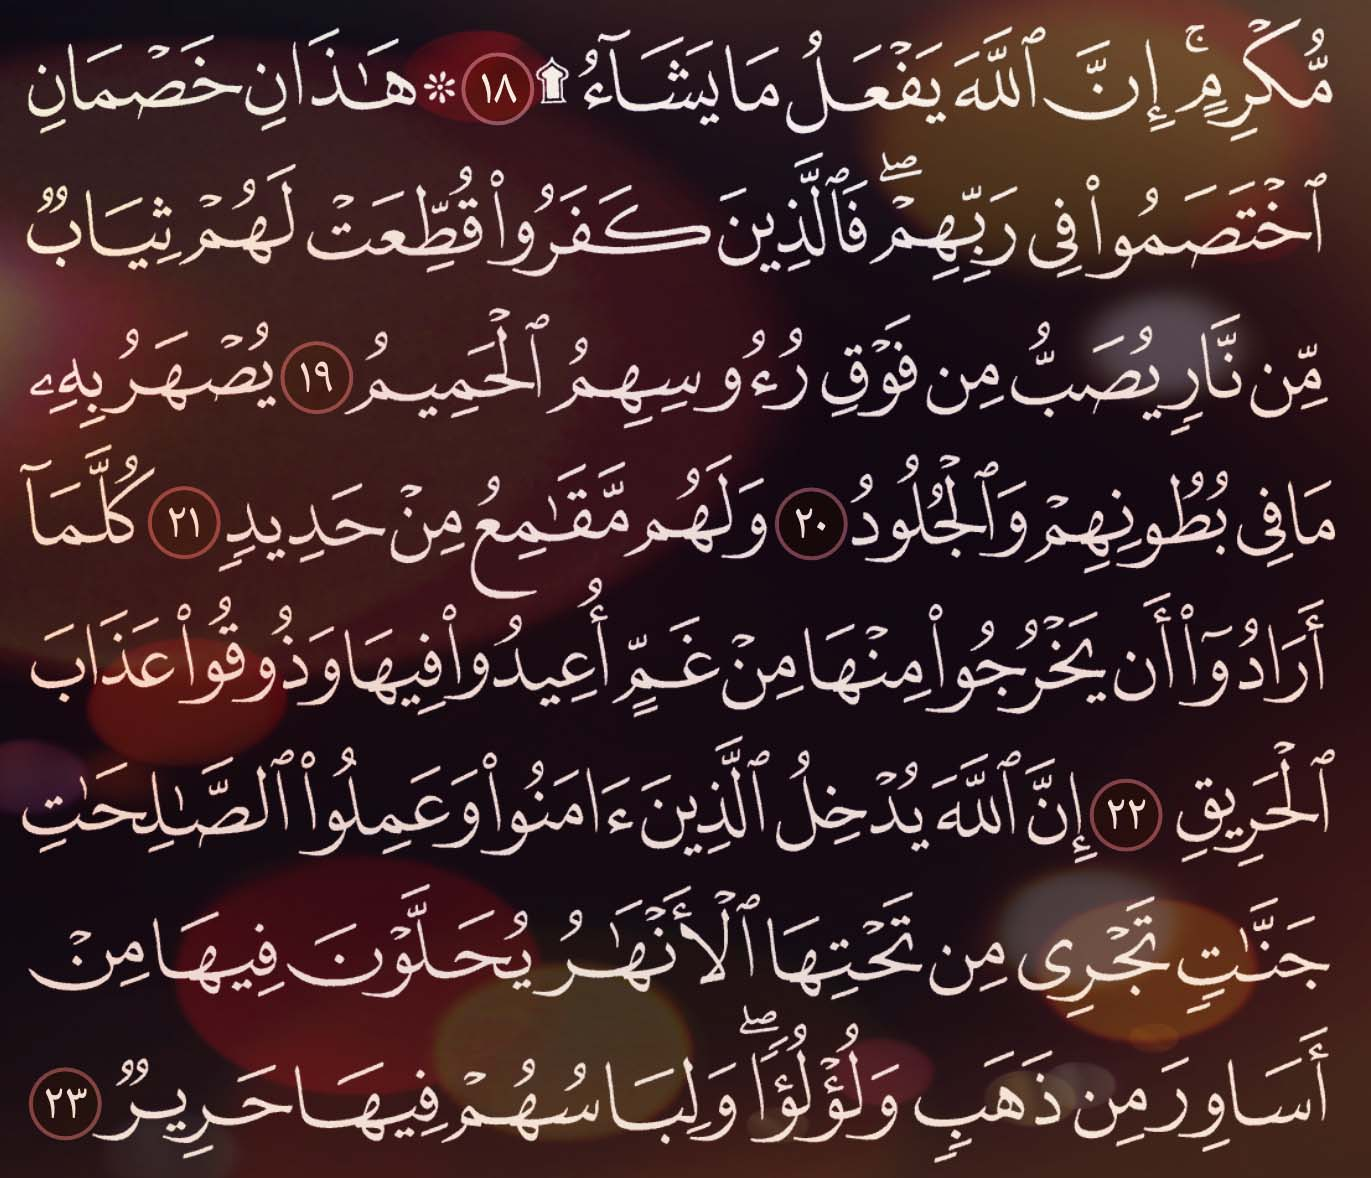 شرح وتفسير سورة الحج Surah Al Hajj ( من الآية 11 إلى الاية 23 )